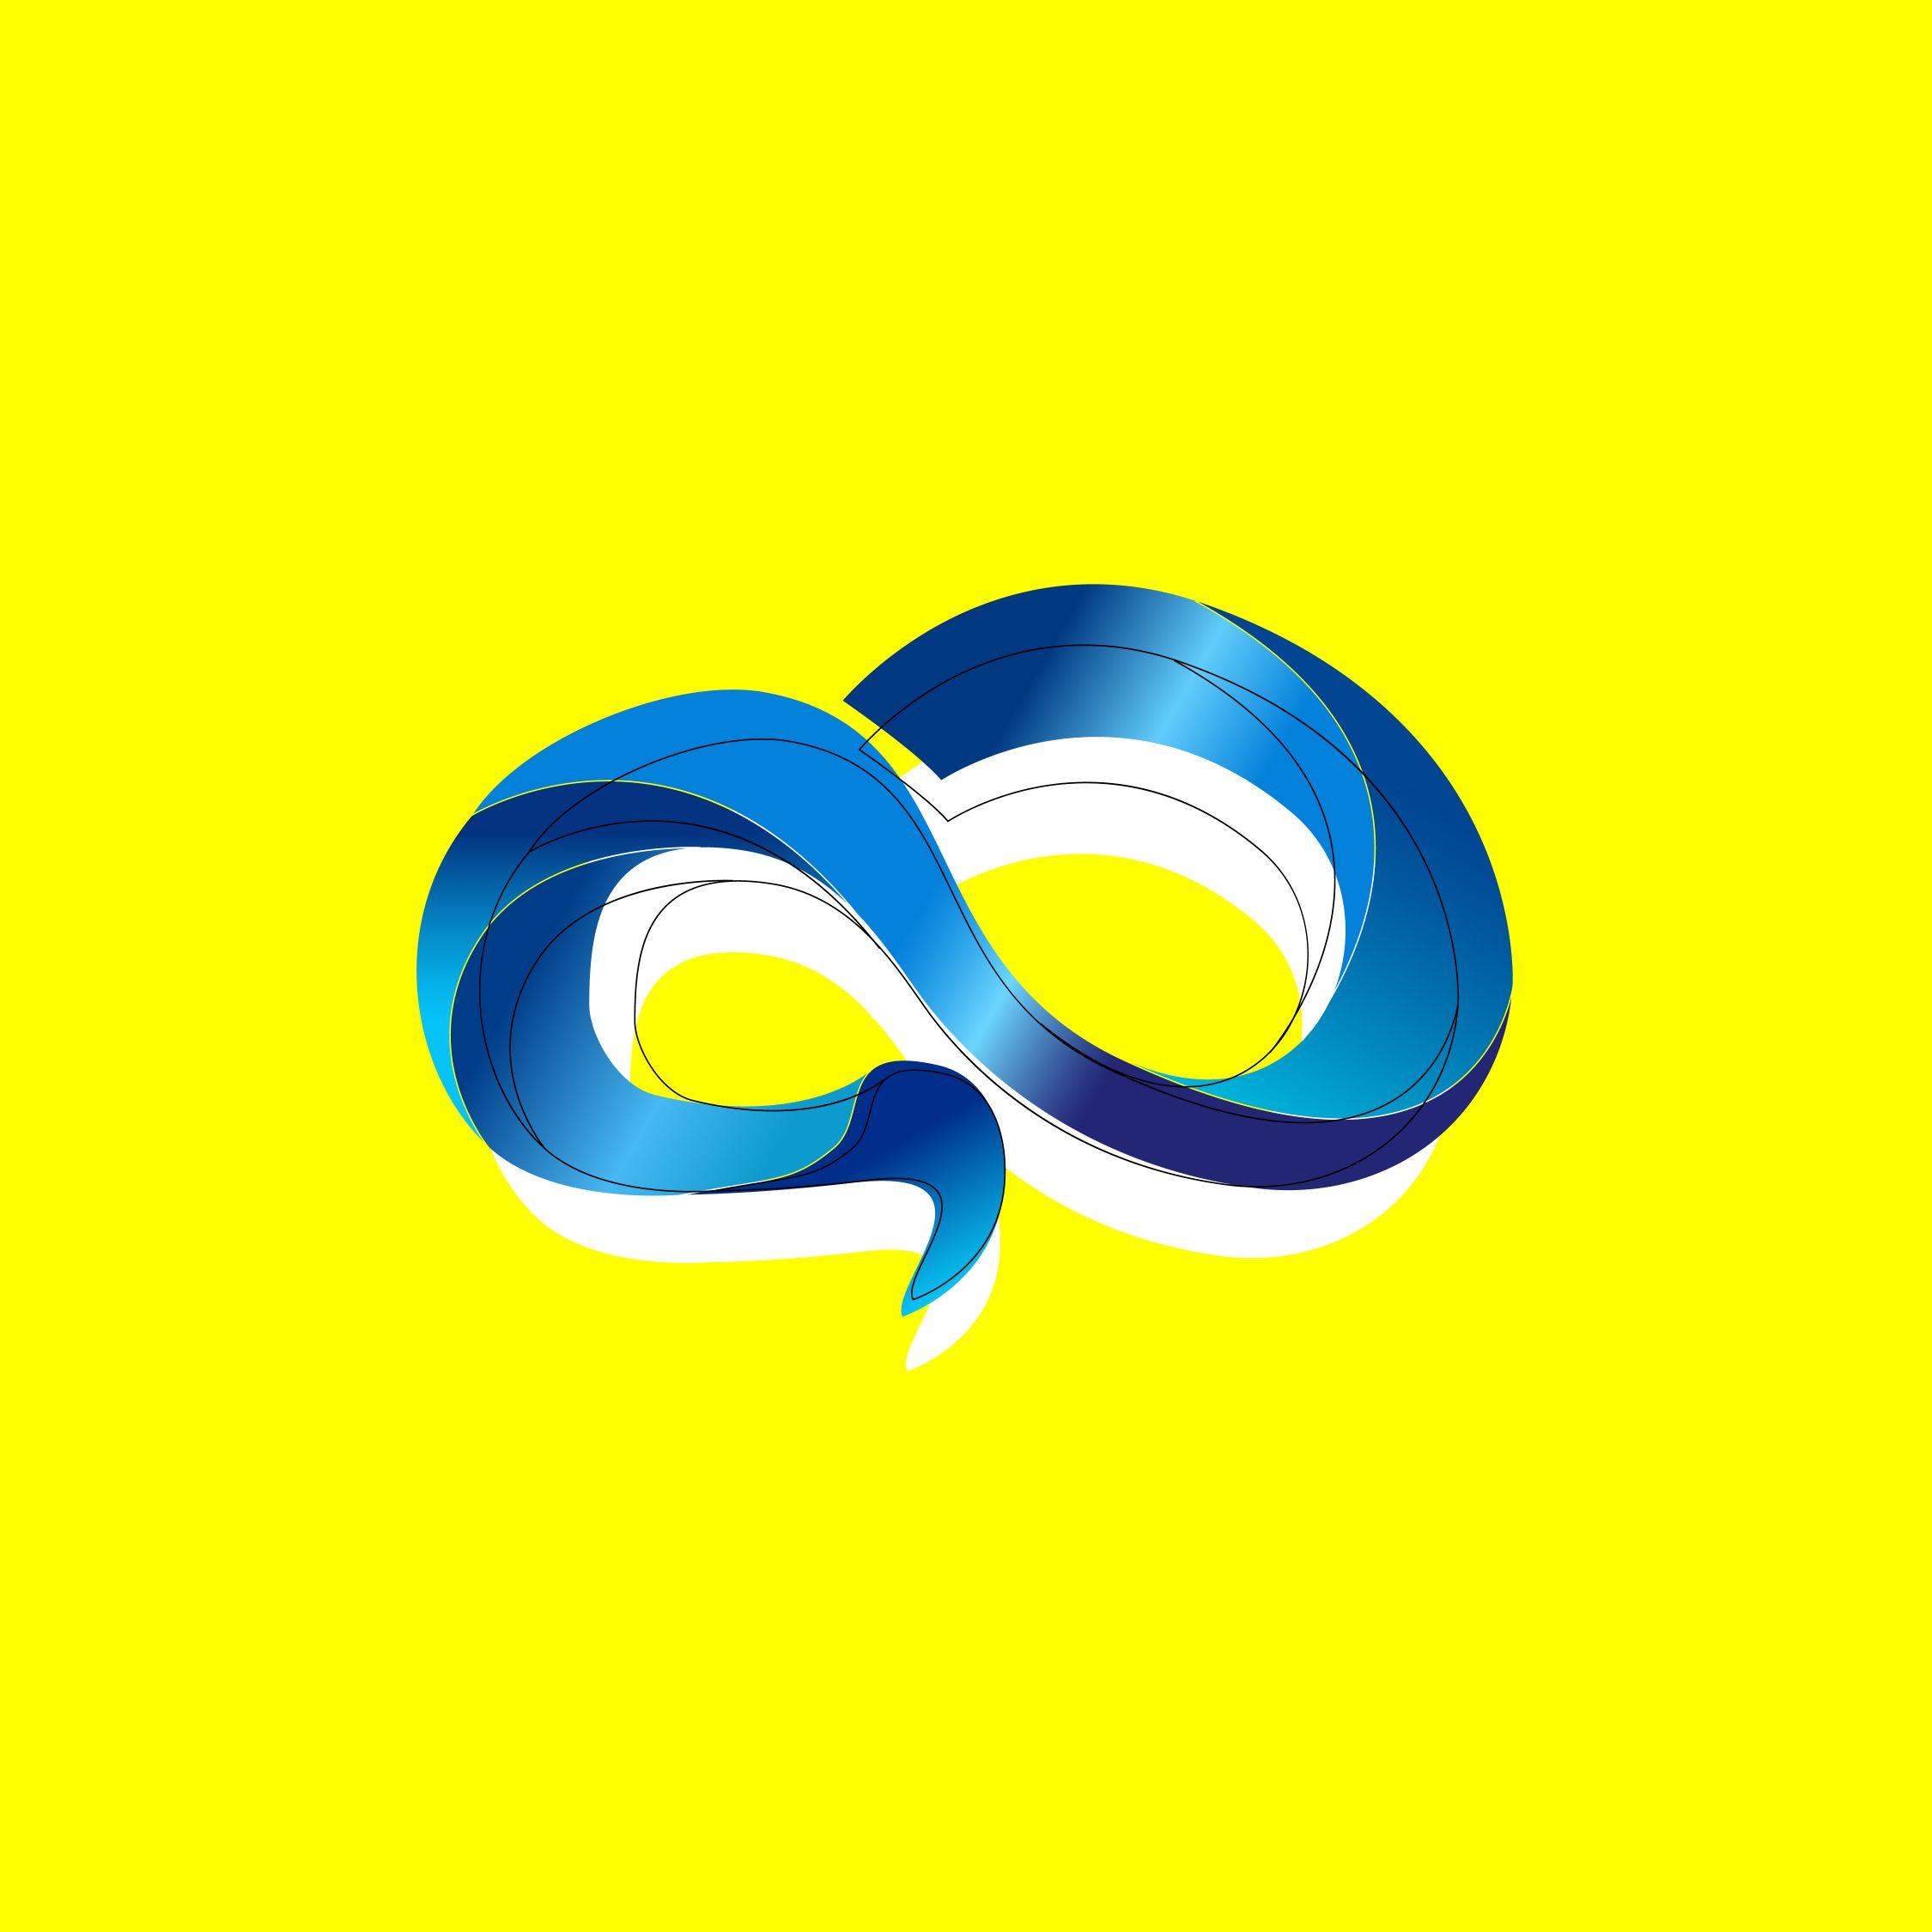 هوش دیجیتال آموزش هوش دیجیتال دیجیتال مارکتینگ Letters Symbols Digit